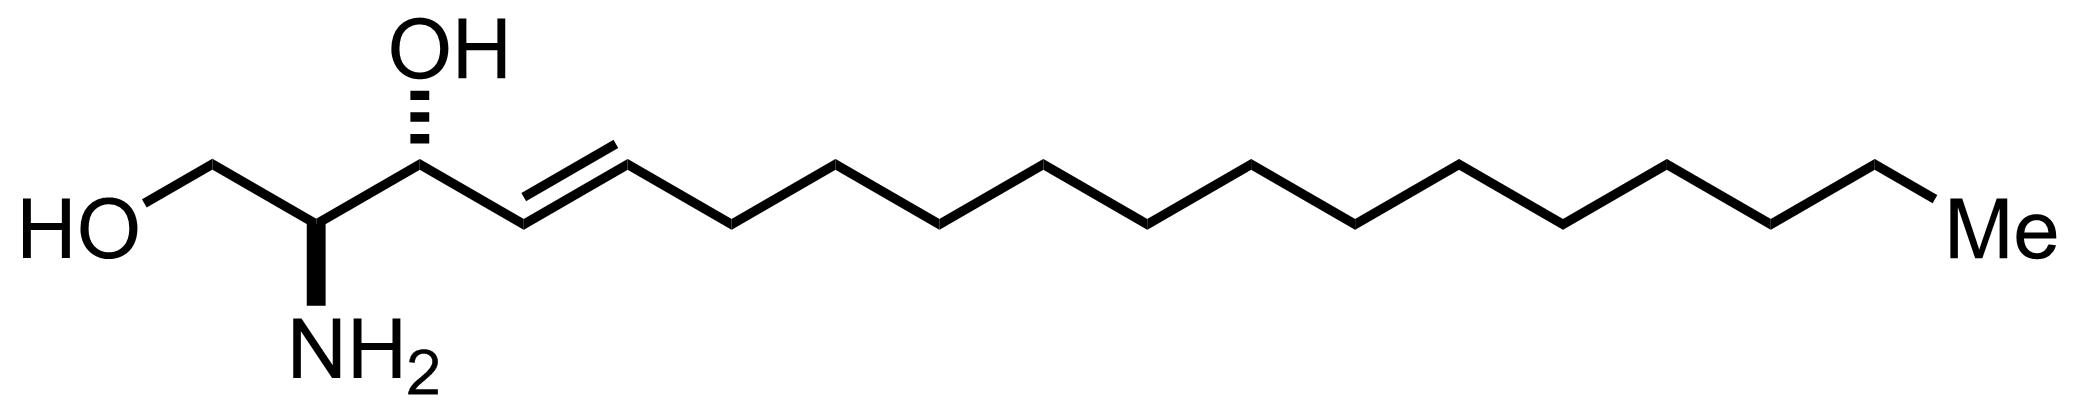 Sphingosine structure